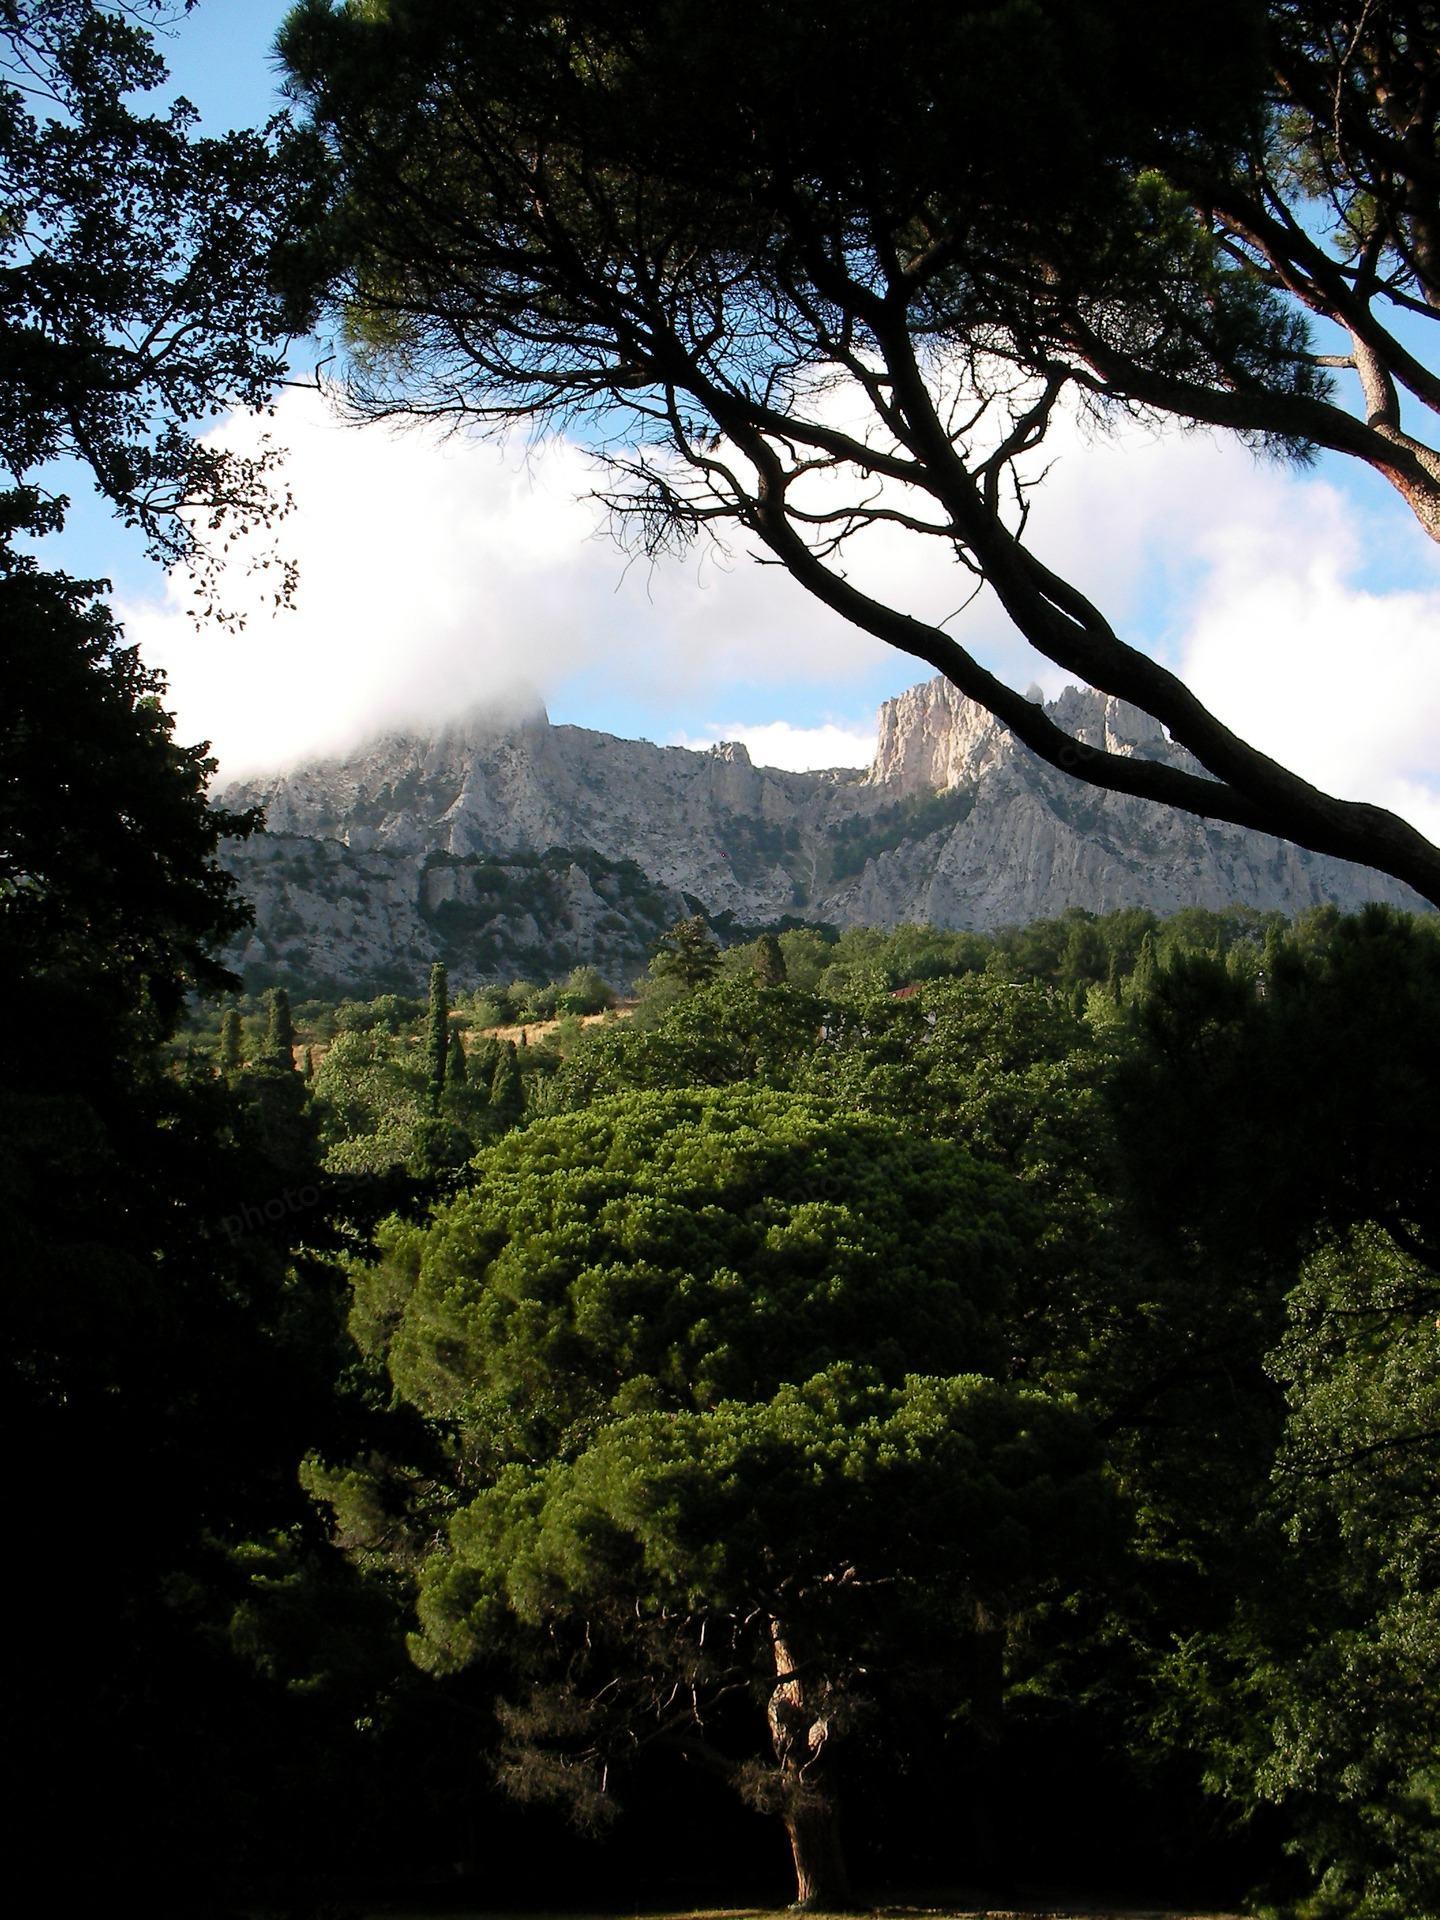 vederi frumoase la munții din Crimeea prin copaci și nori